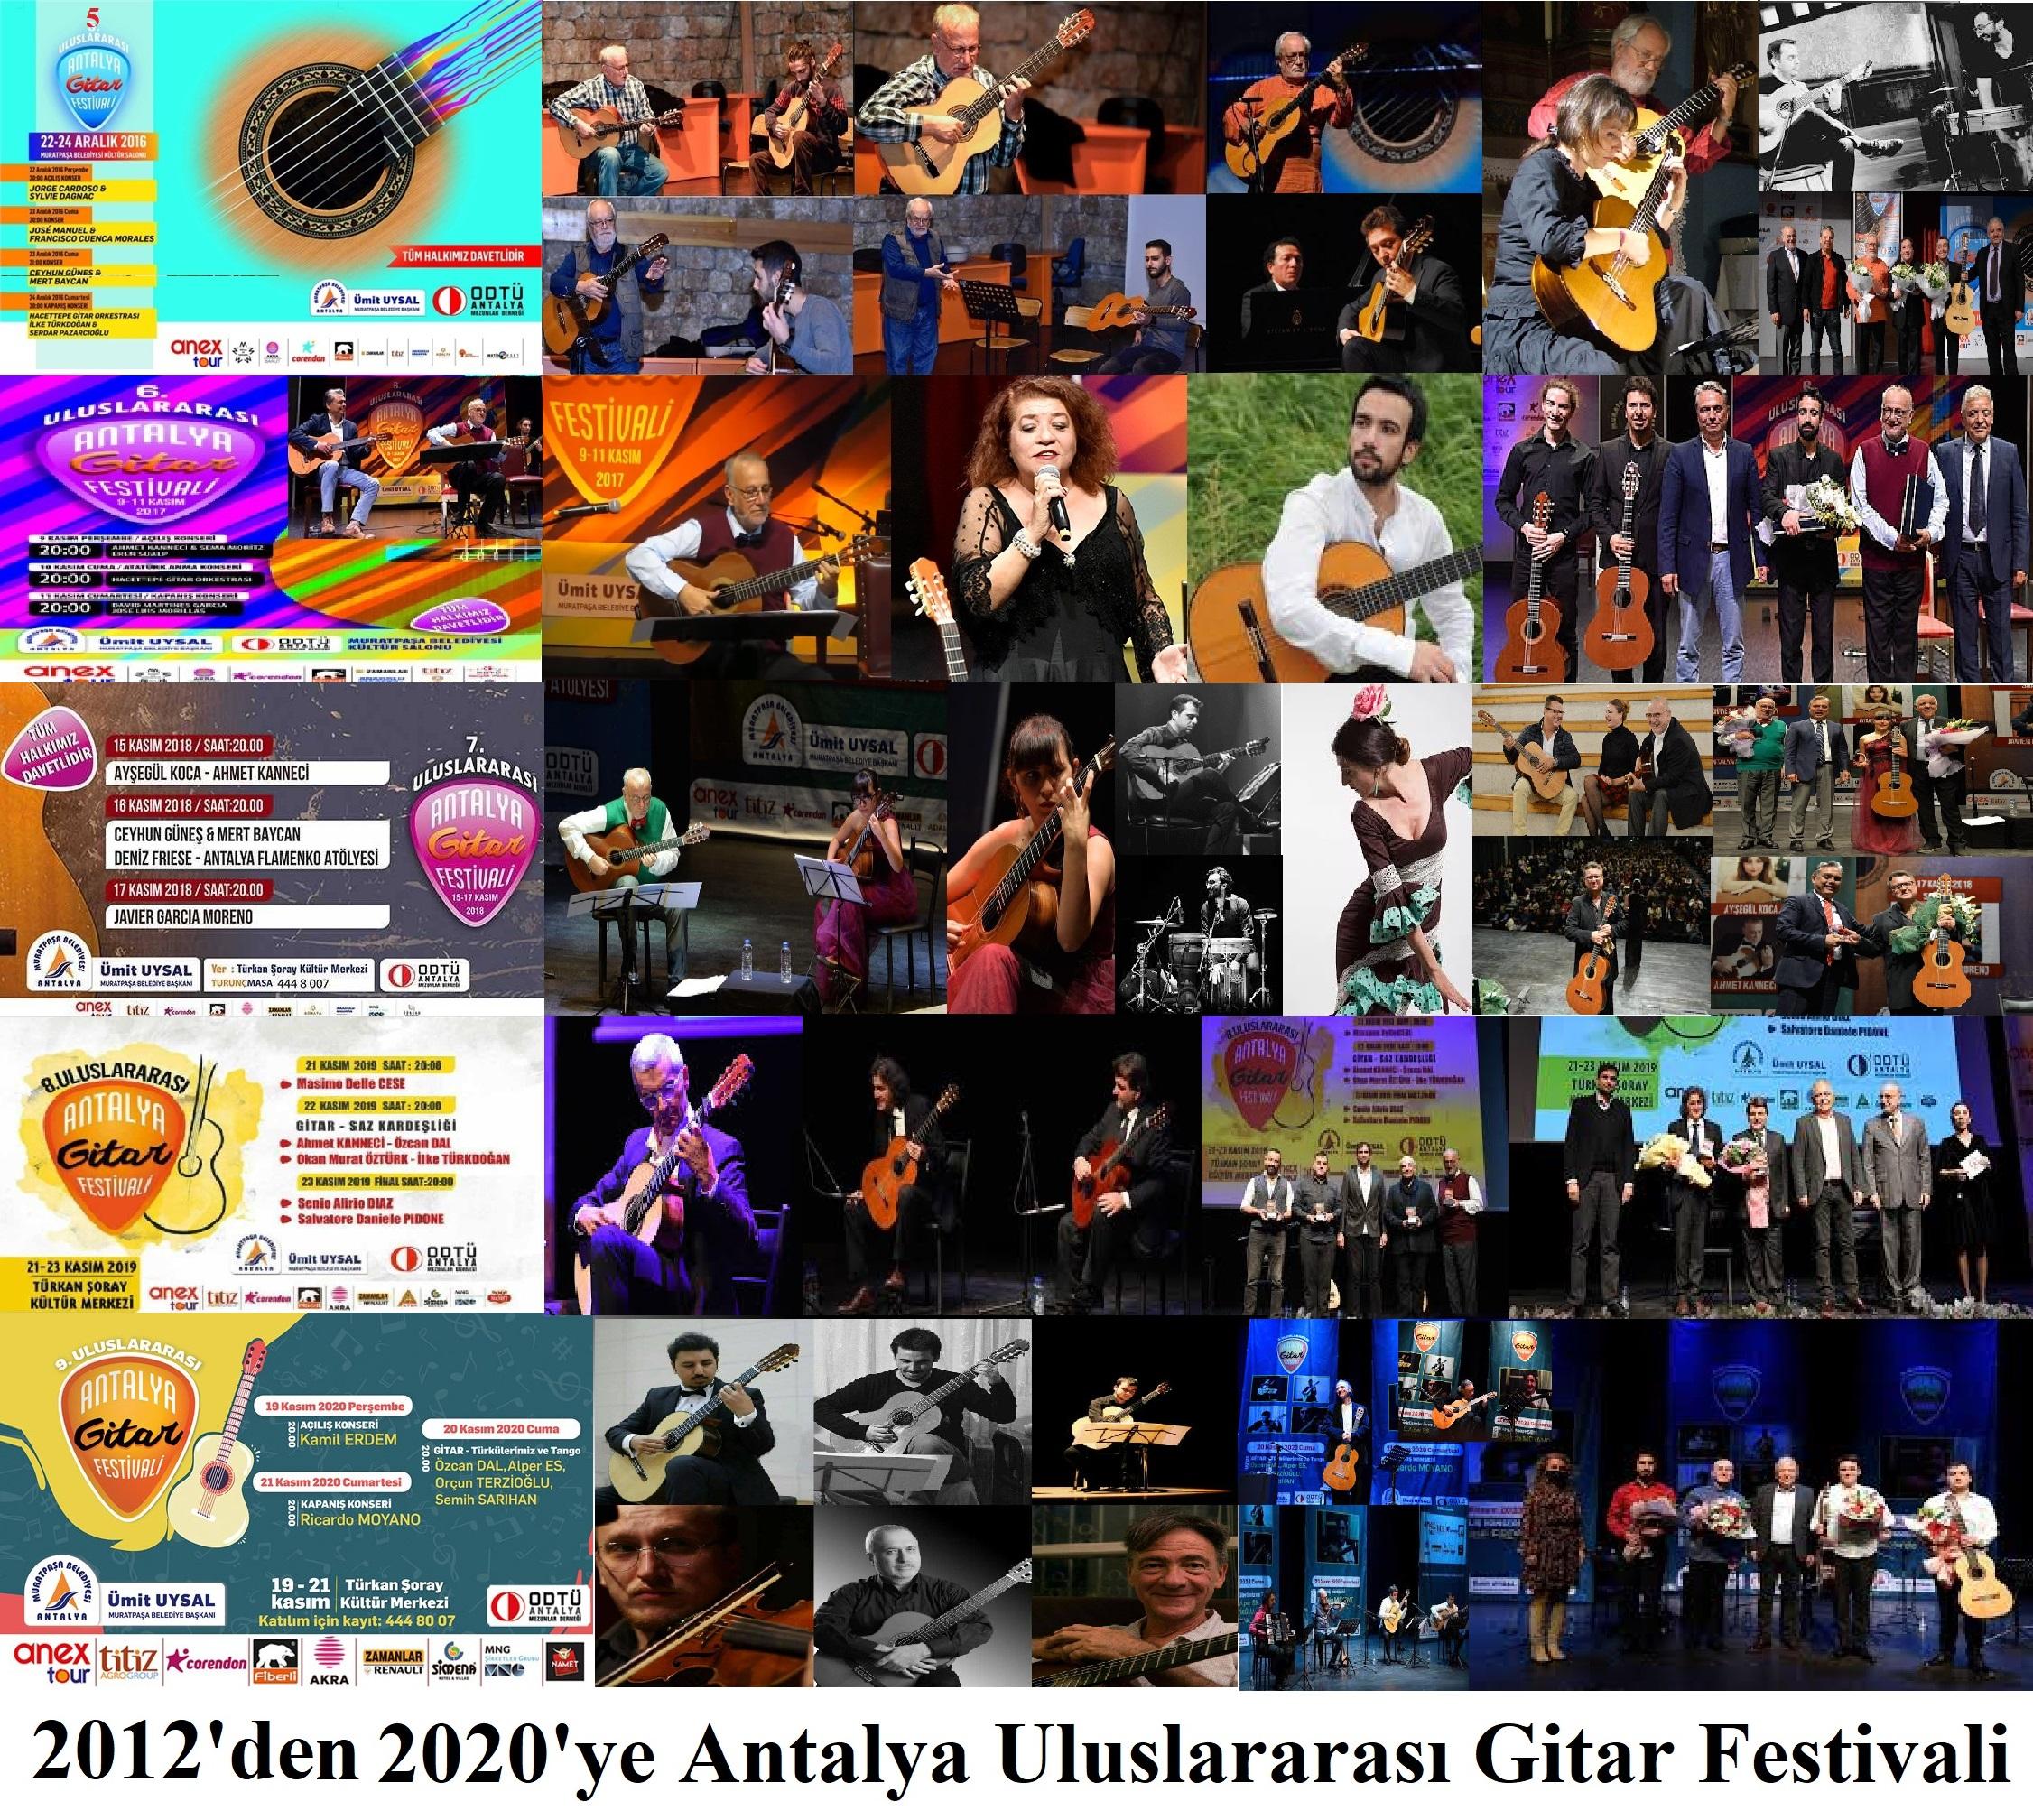 Uluslararası Gitar Festivali Antalya'ya Çok Yakışıyor (II. Bölüm)